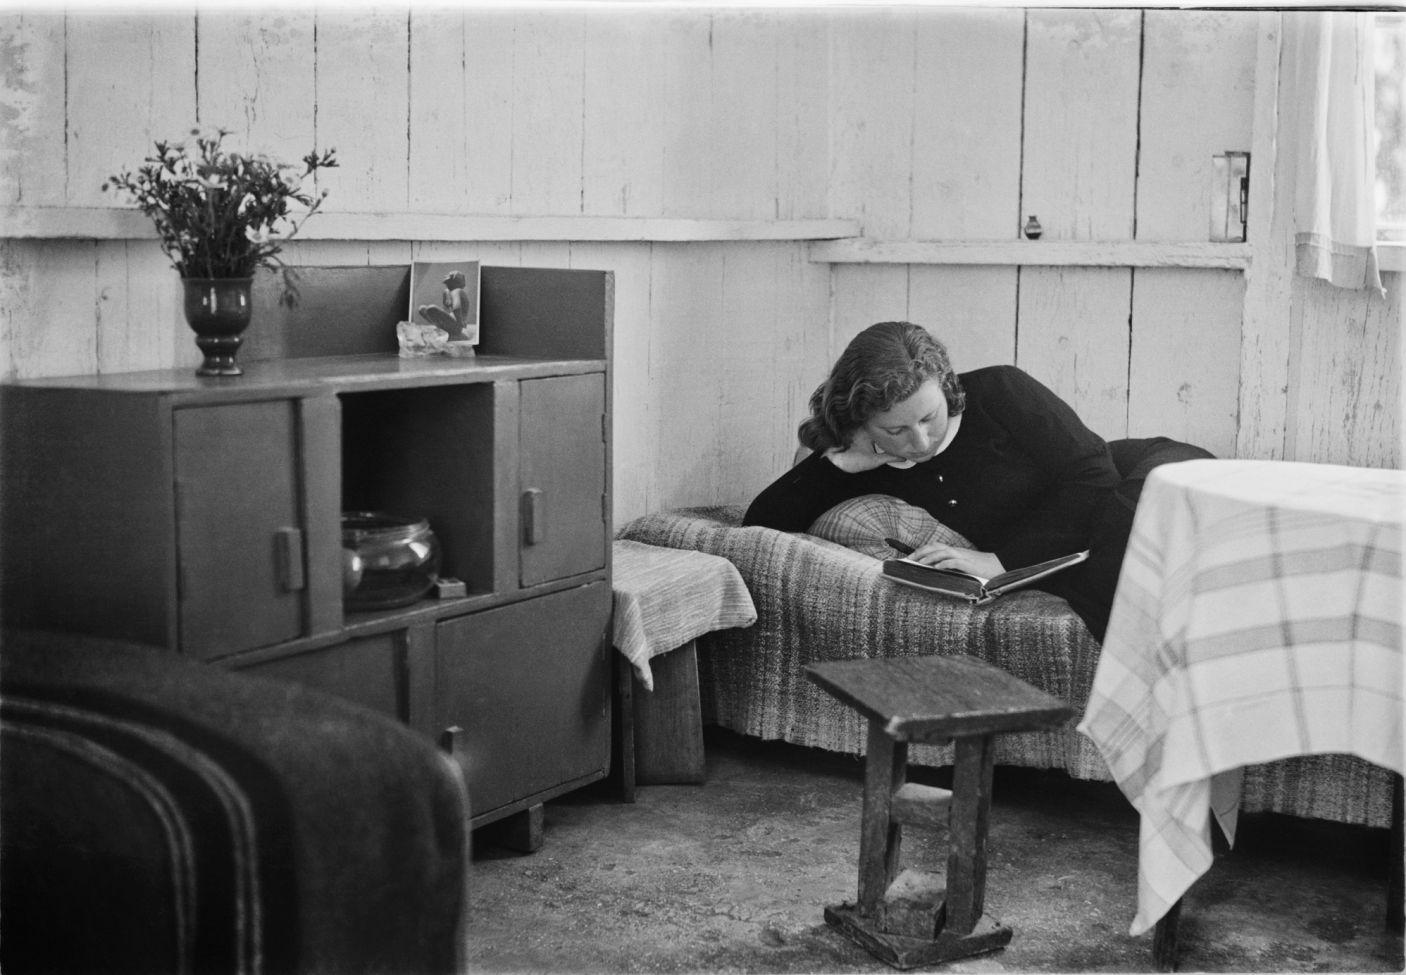 Kibbutz Hanita, 1938. Rudi Weissenstein photo